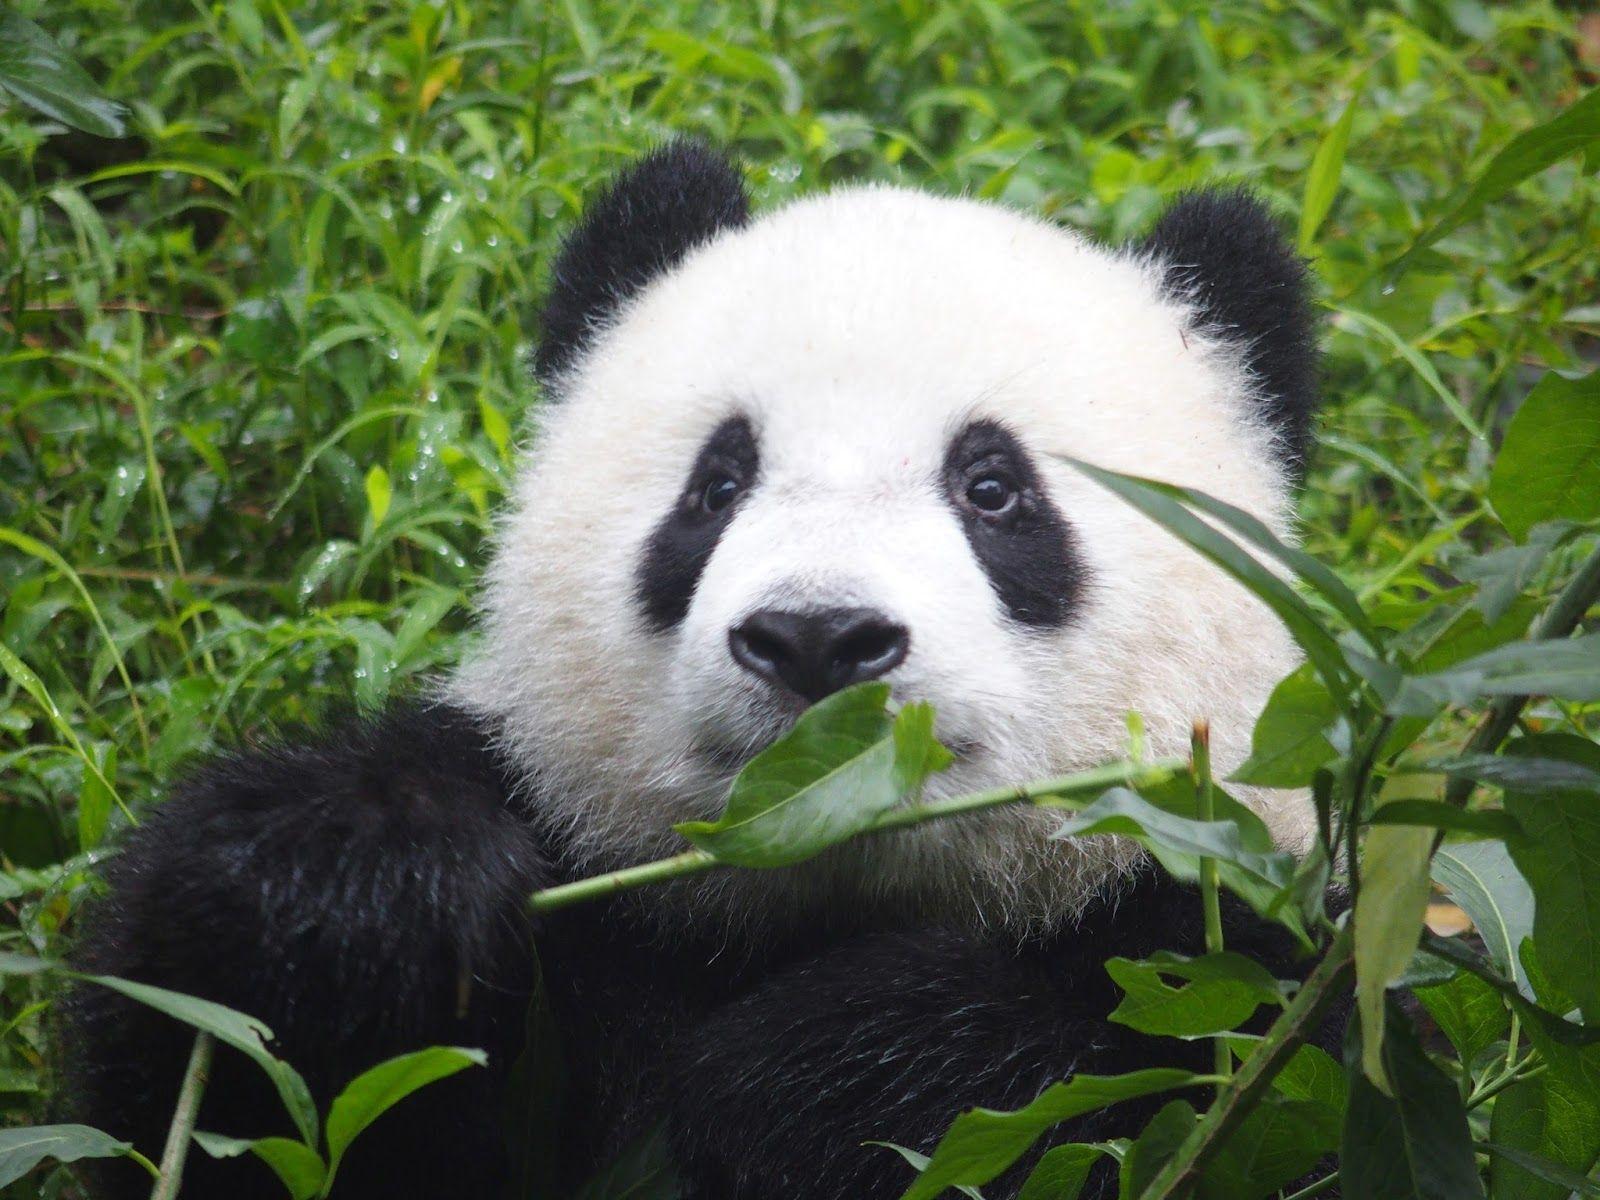 صور الباندا معلومات وصور عن دب الباندا الباندا هو من عائلة الدببة وهو يعرف بالدب الصيني وموطنه الاصلي جنوب ووسط جنوب الصين وي Panda Bear Panda Images Panda